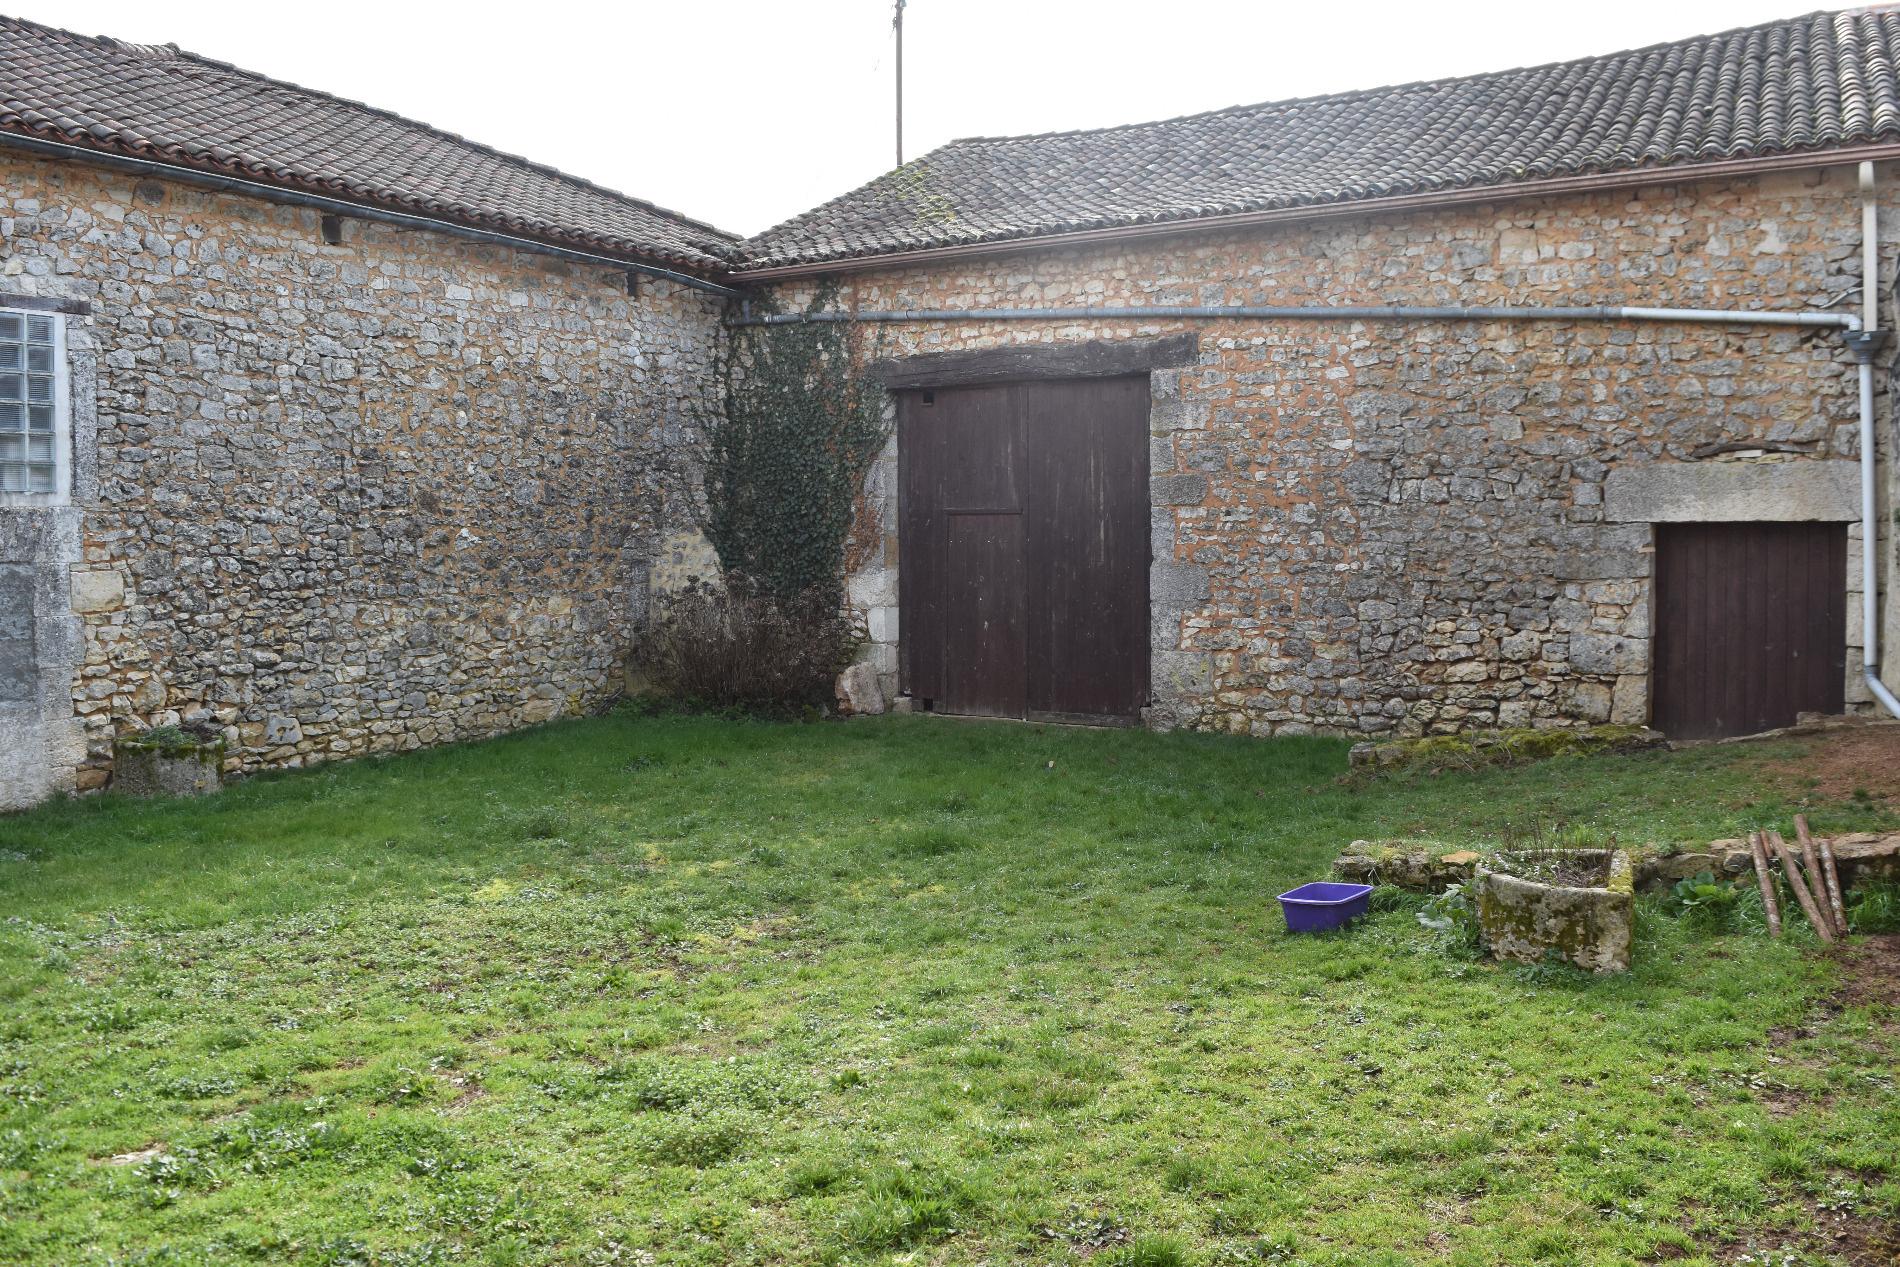 Achat maison t6 vilhonneur anb immobilier for Achat maison yvrac